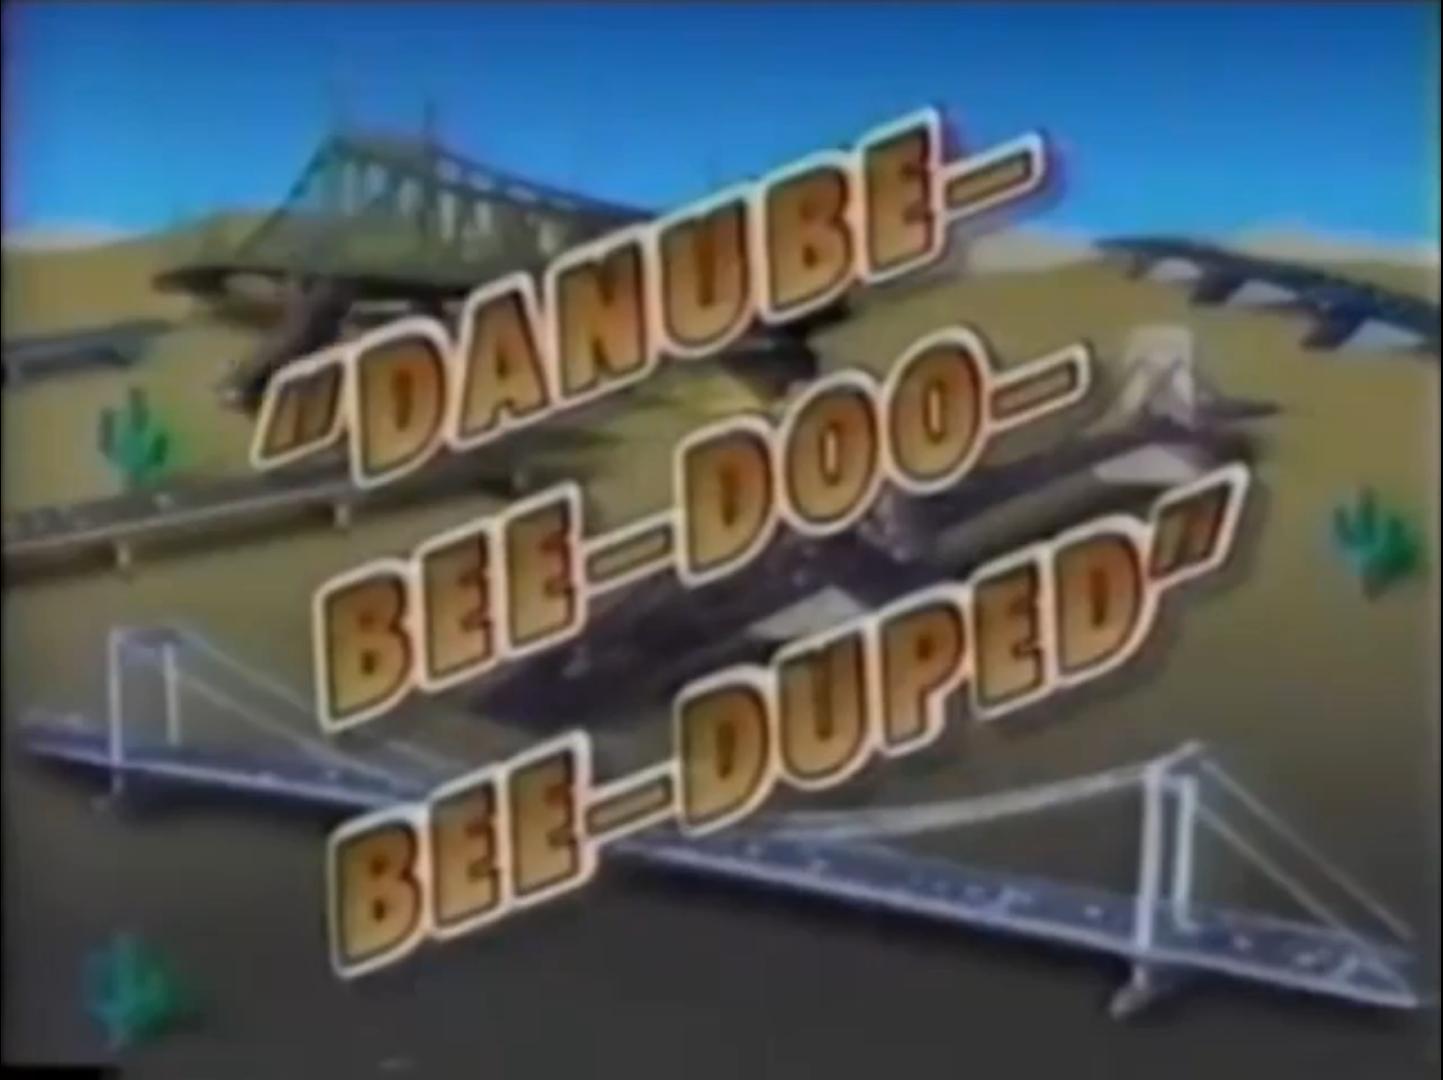 Danube-bee-doo-bee-duped